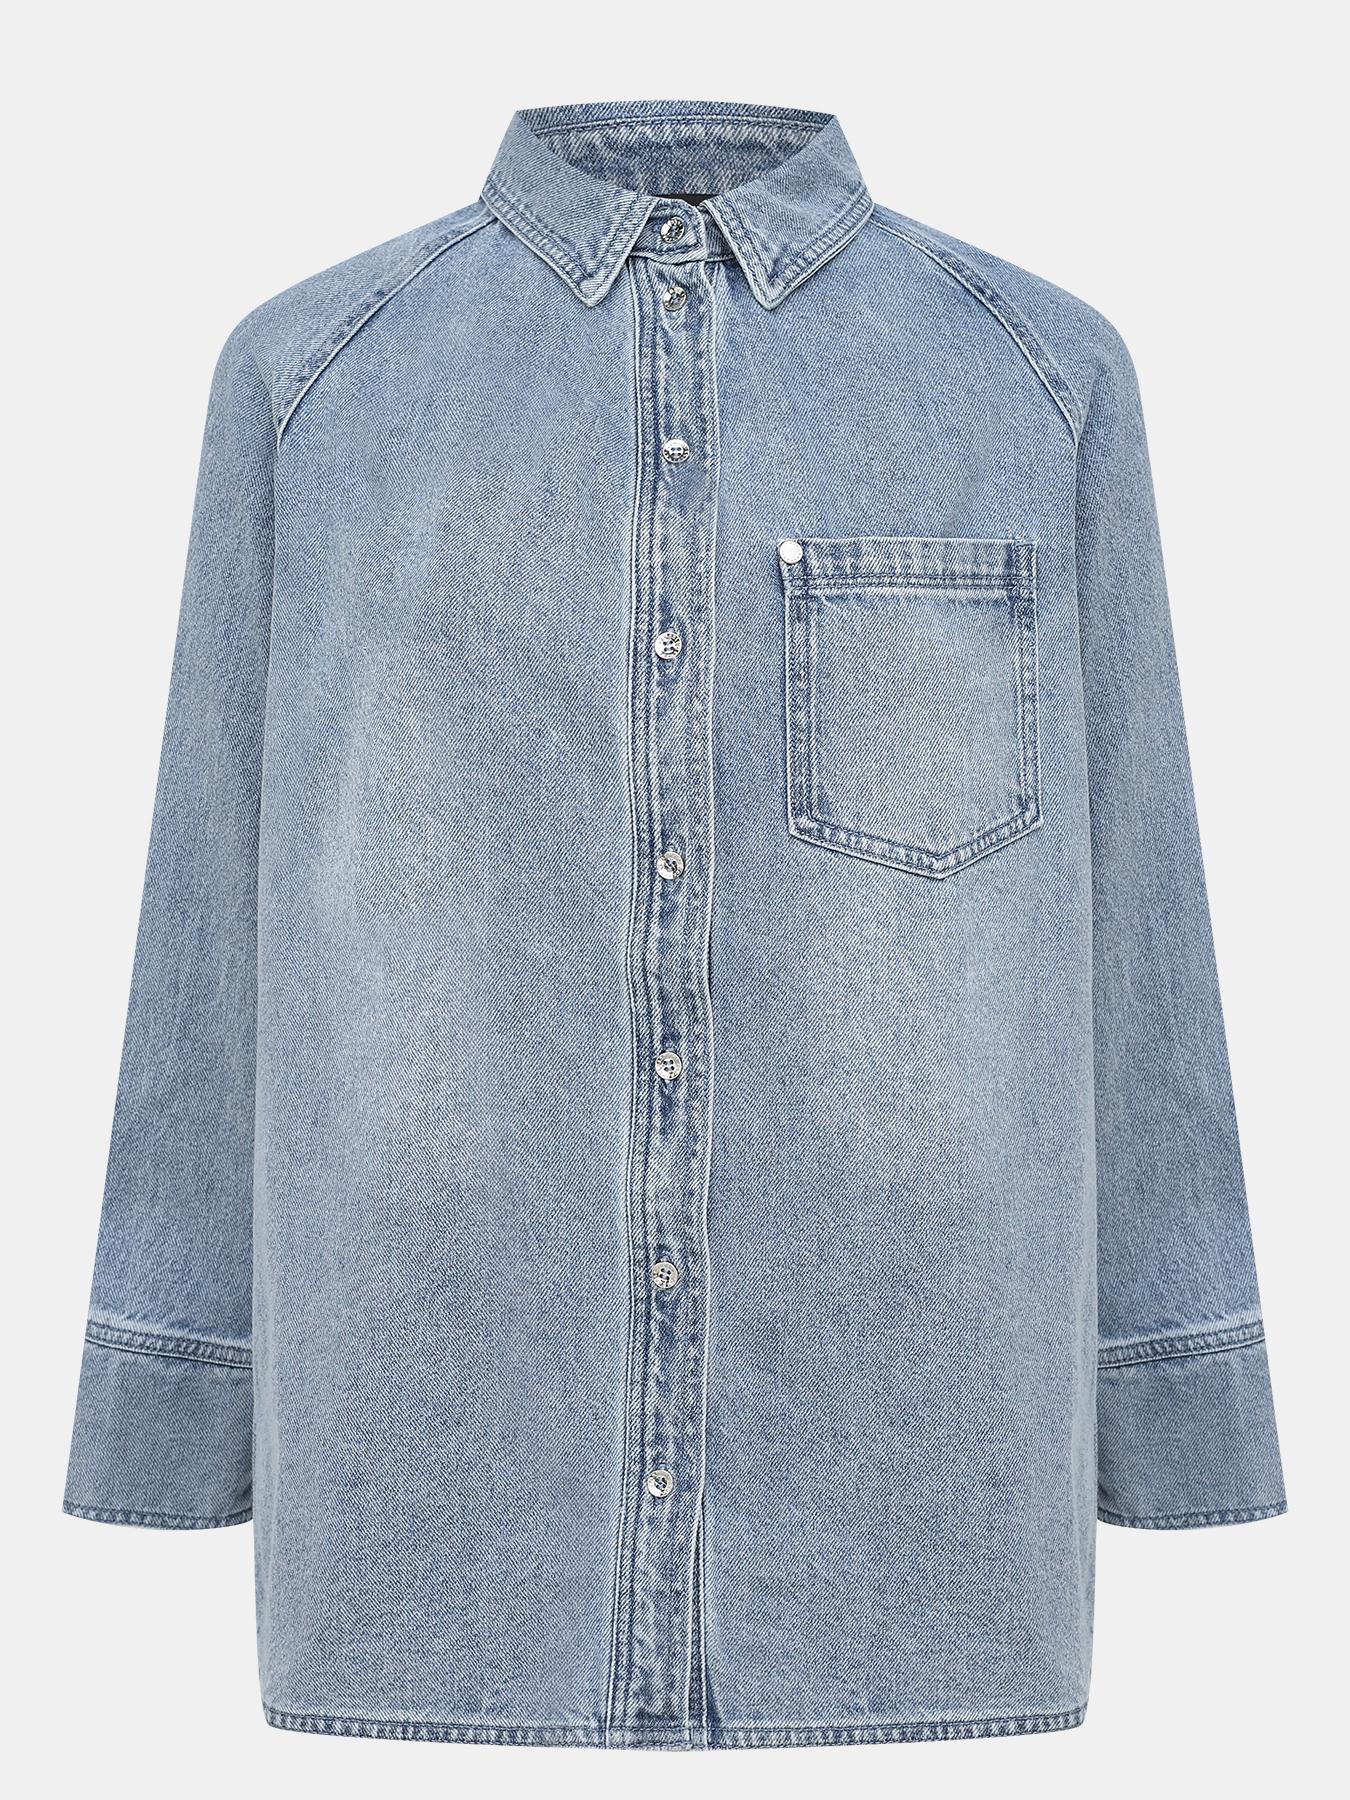 Фото - Рубашки Armani Exchange Джинсовая рубашка pierre darré джинсовая рубашка